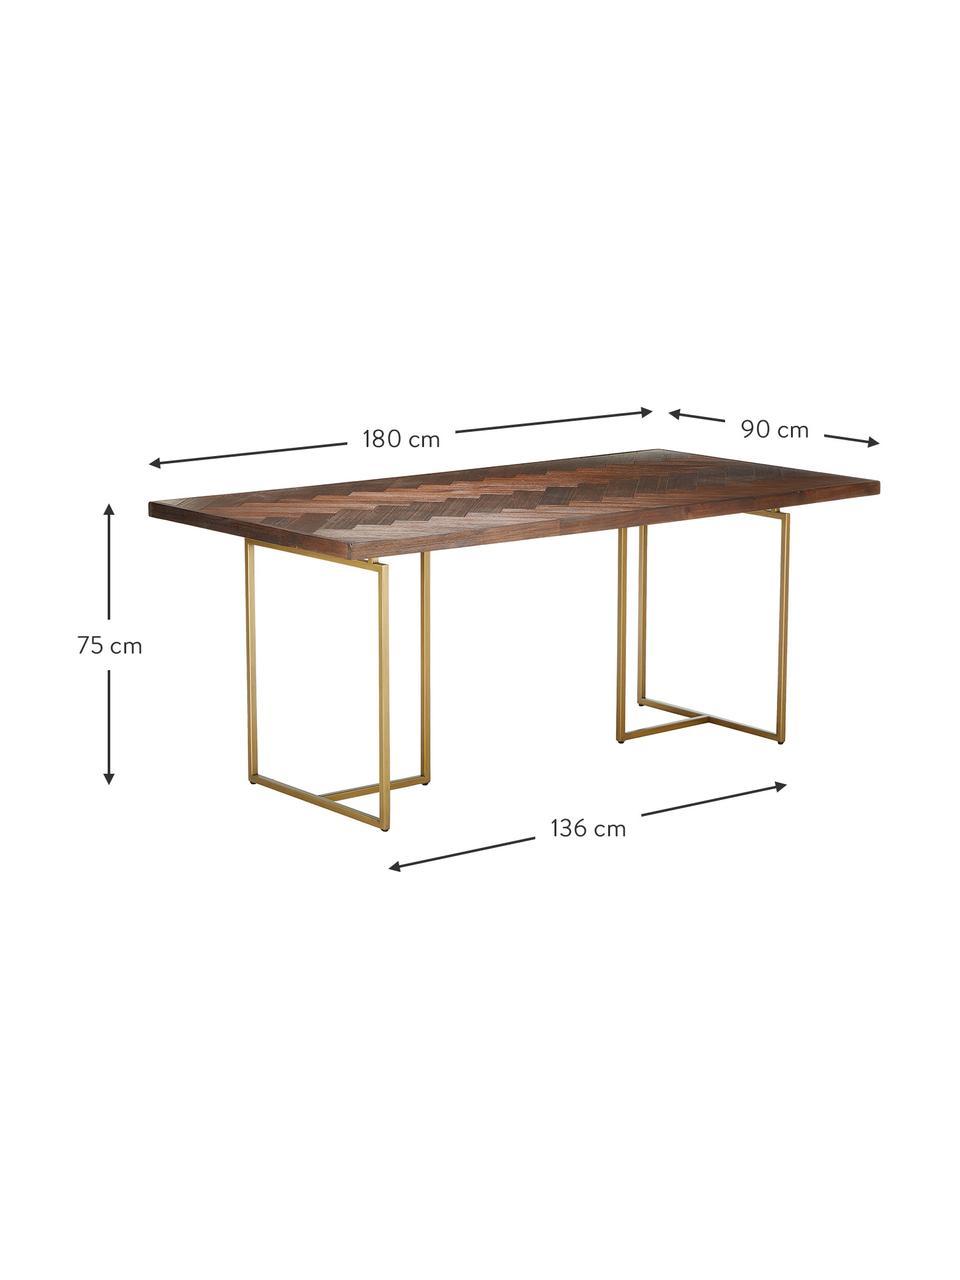 Stół do jadalni w jodełkę z drewna akacjowego Class, Blat: płyta pilśniowa o średnie, Nogi: metal malowany proszkowo, Brązowy, S 220 x G 90 cm